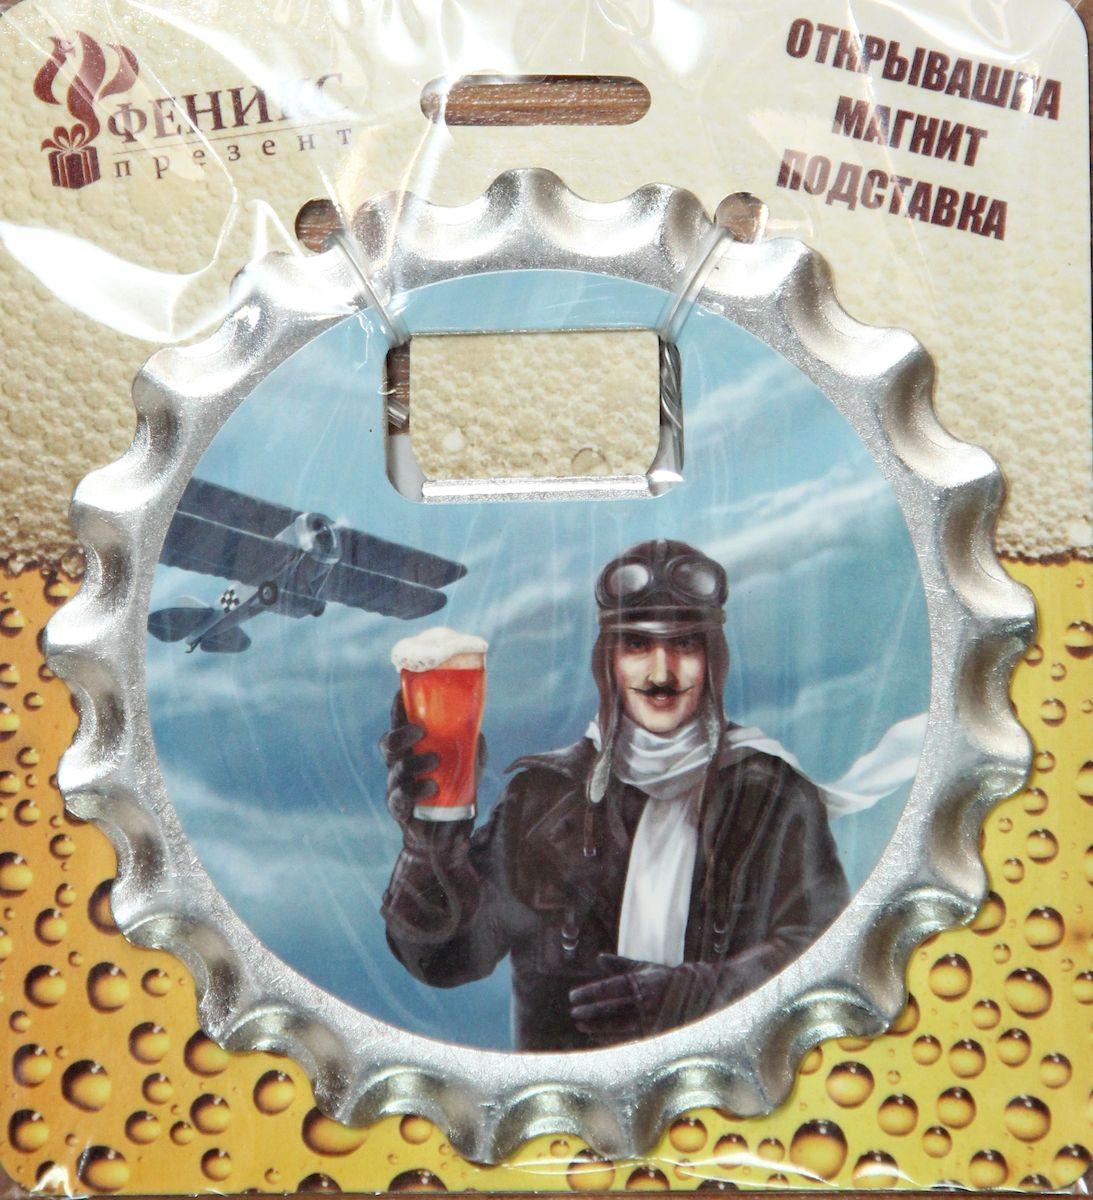 Ключ для открывания бутылок Magic Home Авиатор, с магнитом ключ для открывания бутылок magic home артем с магнитом